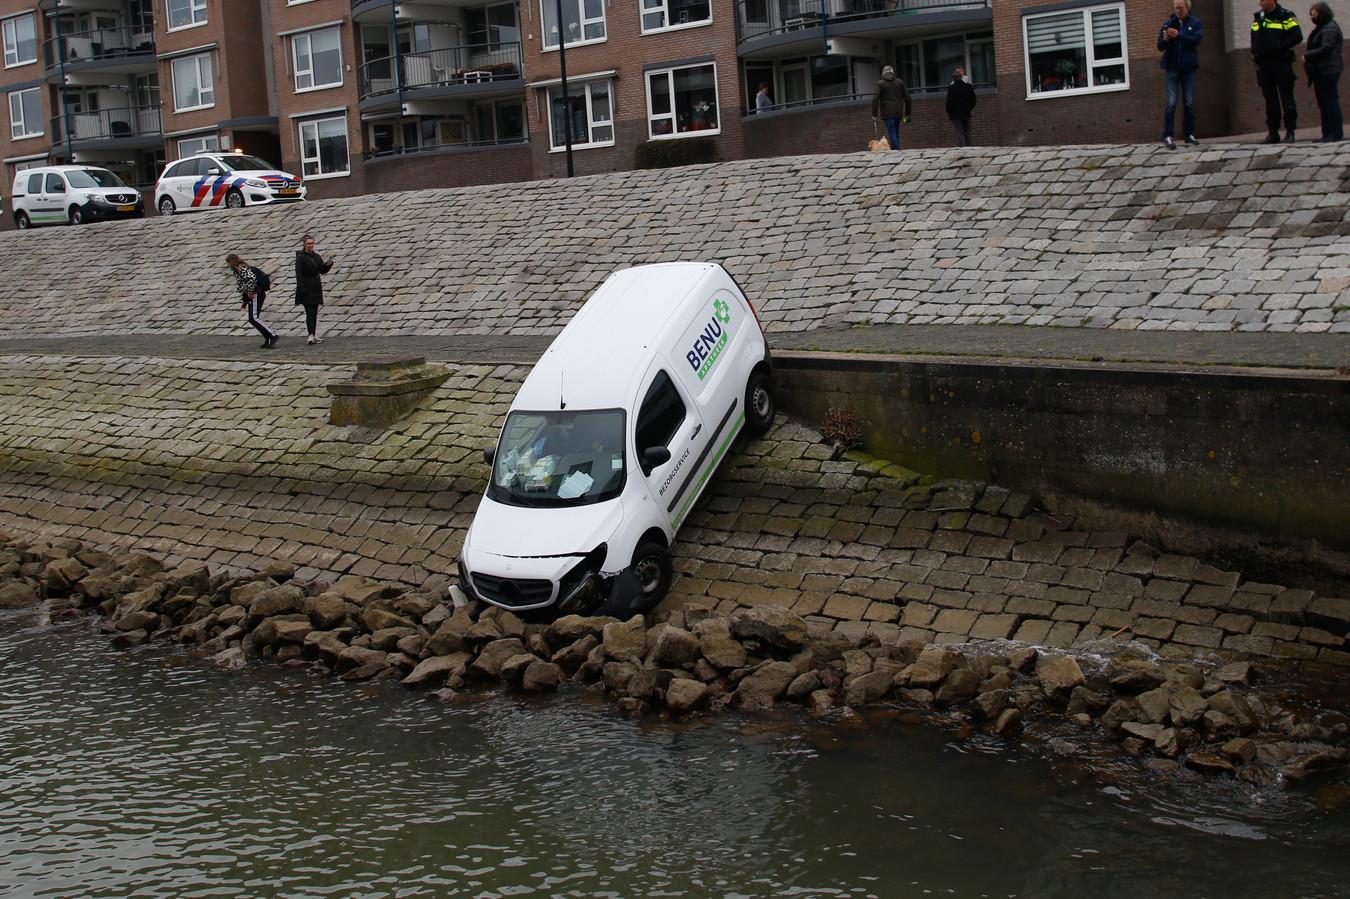 De bezorgauto van de apotheek reed uit zichzelf de kade af.